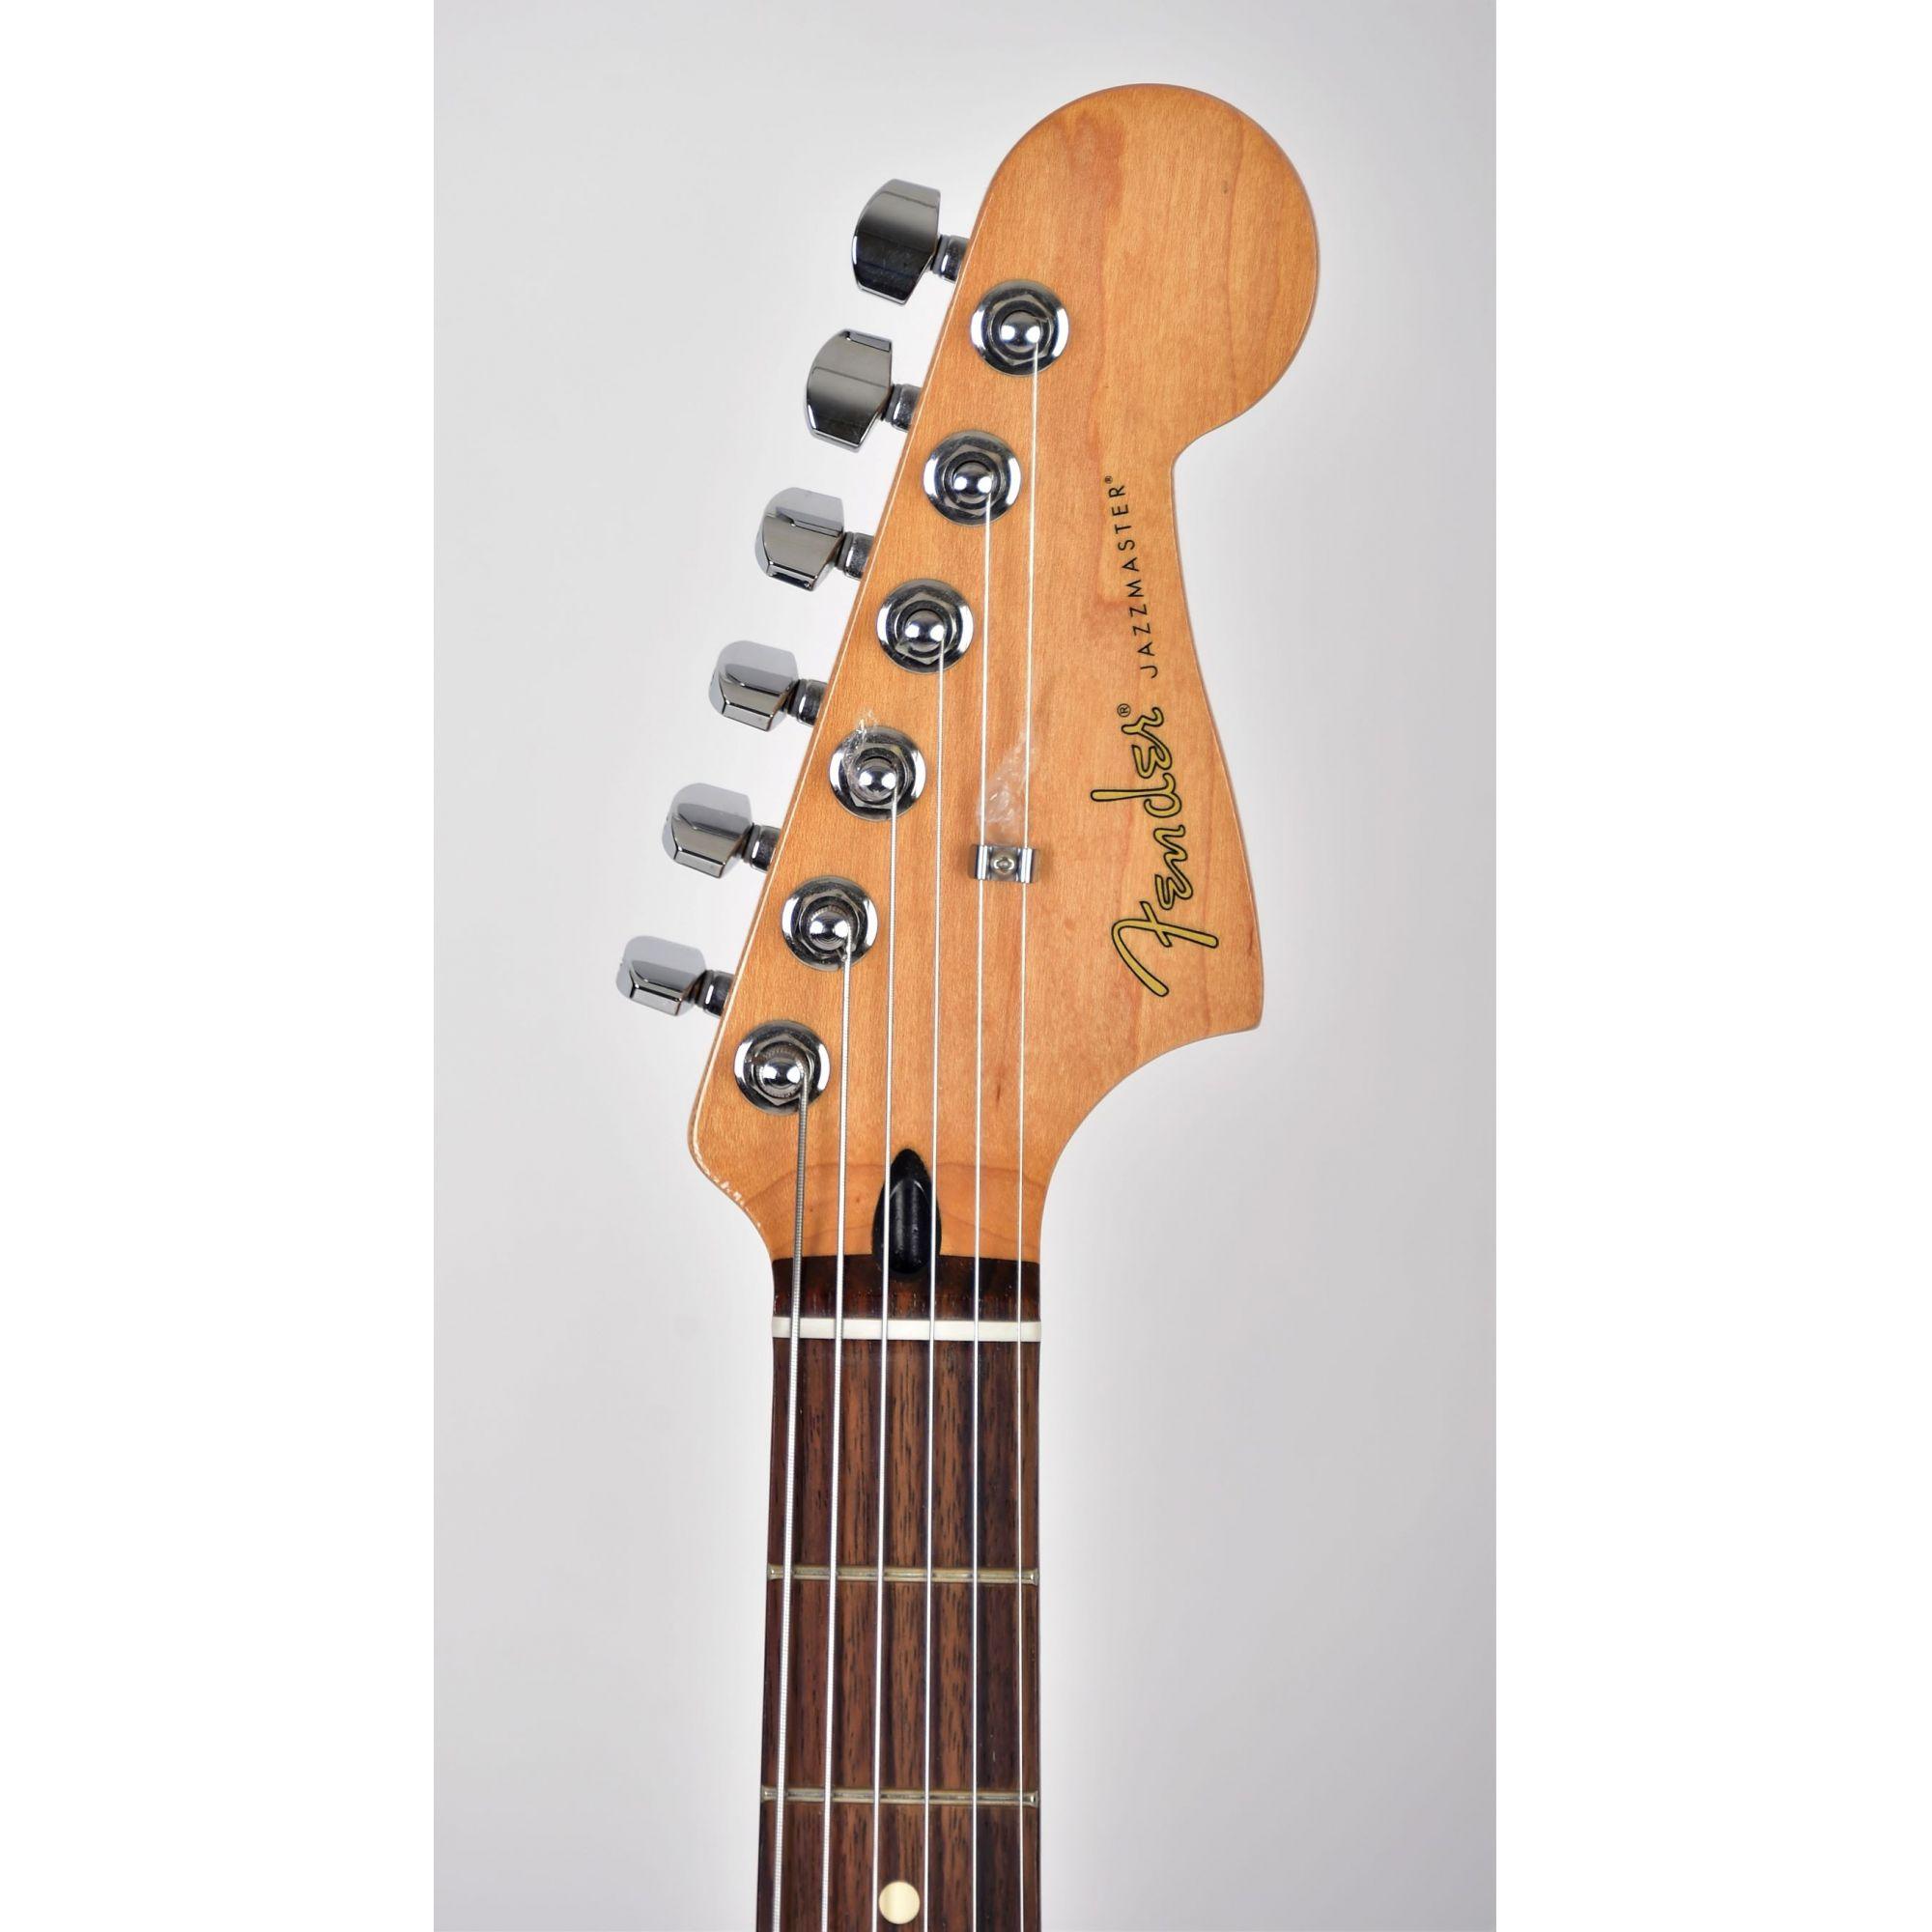 Guitarra Fender Jazzmaster Blacktop Edição Especial HH Stripe